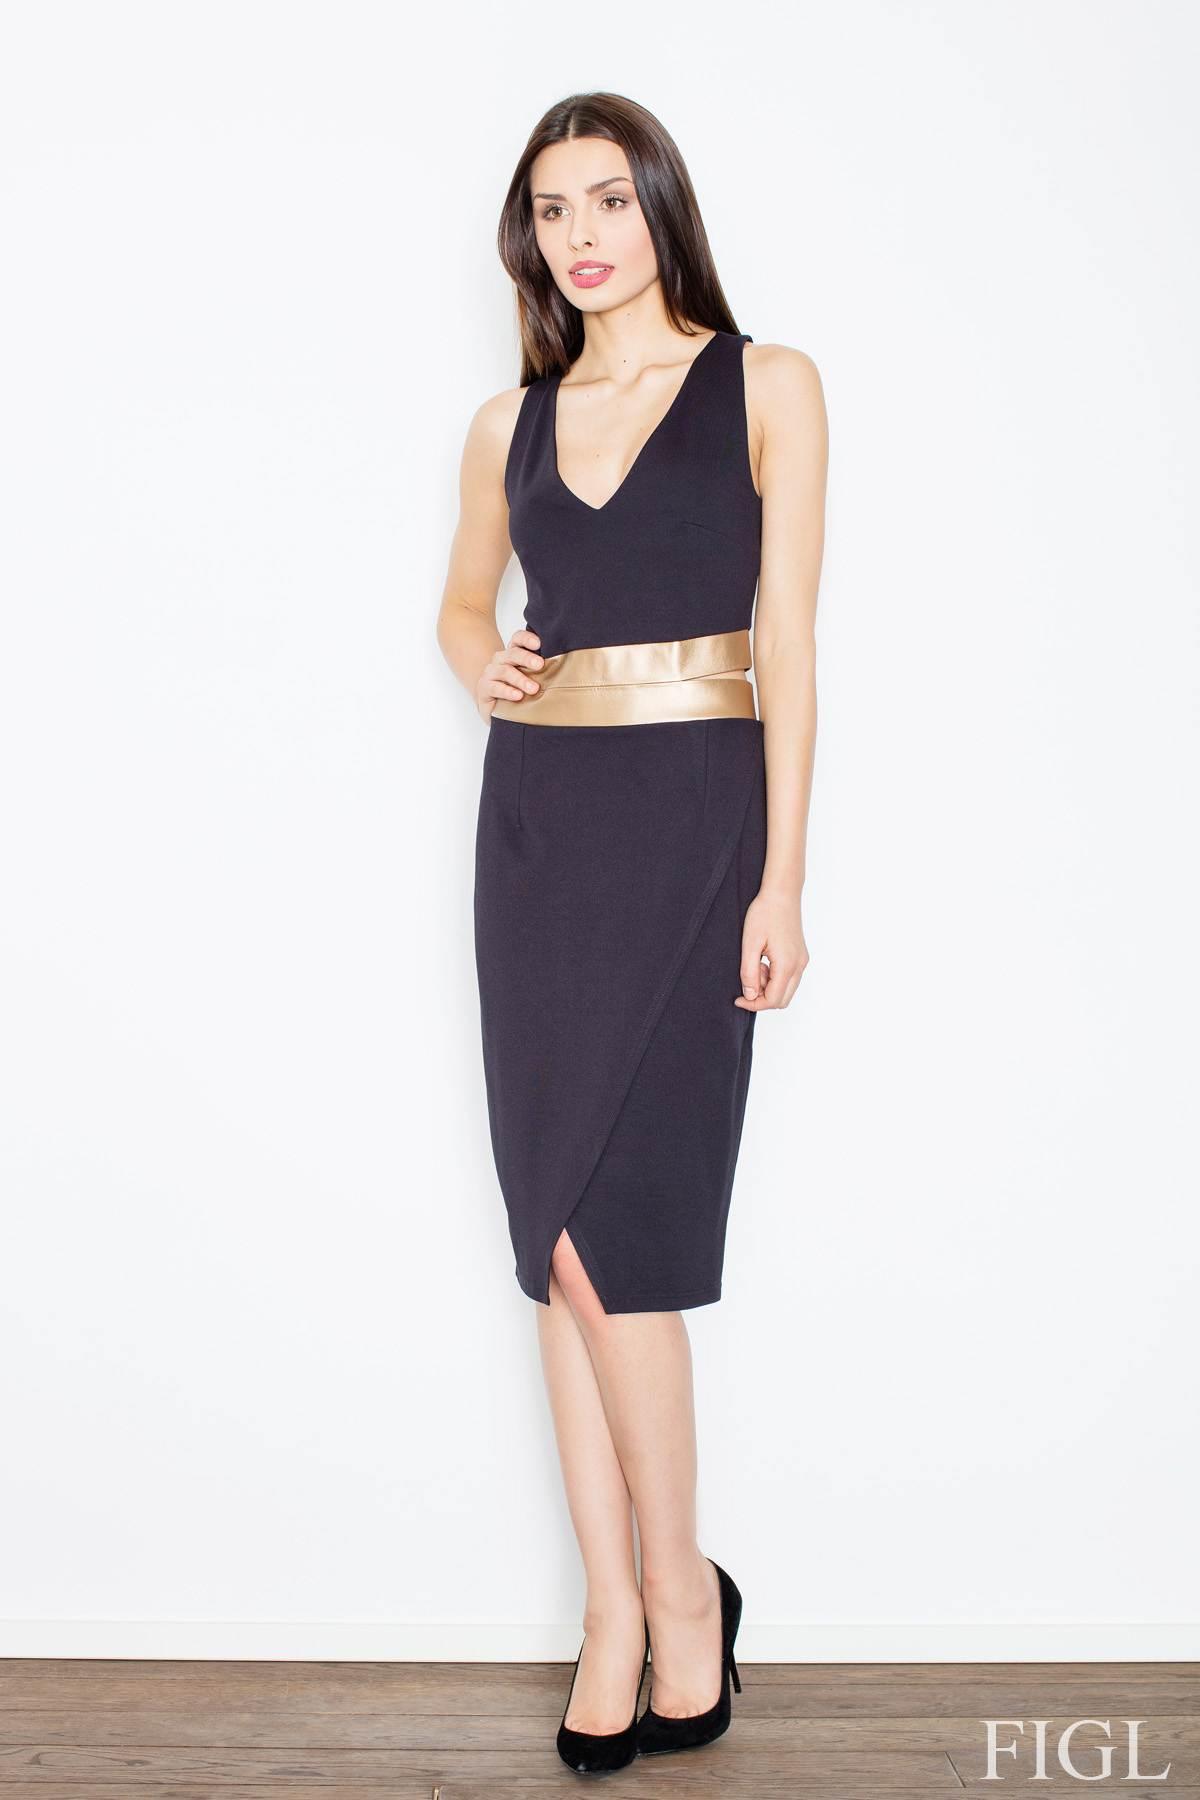 FIGL φορεμα με χρυσες λεπτομερειες 6e5f7a2be42